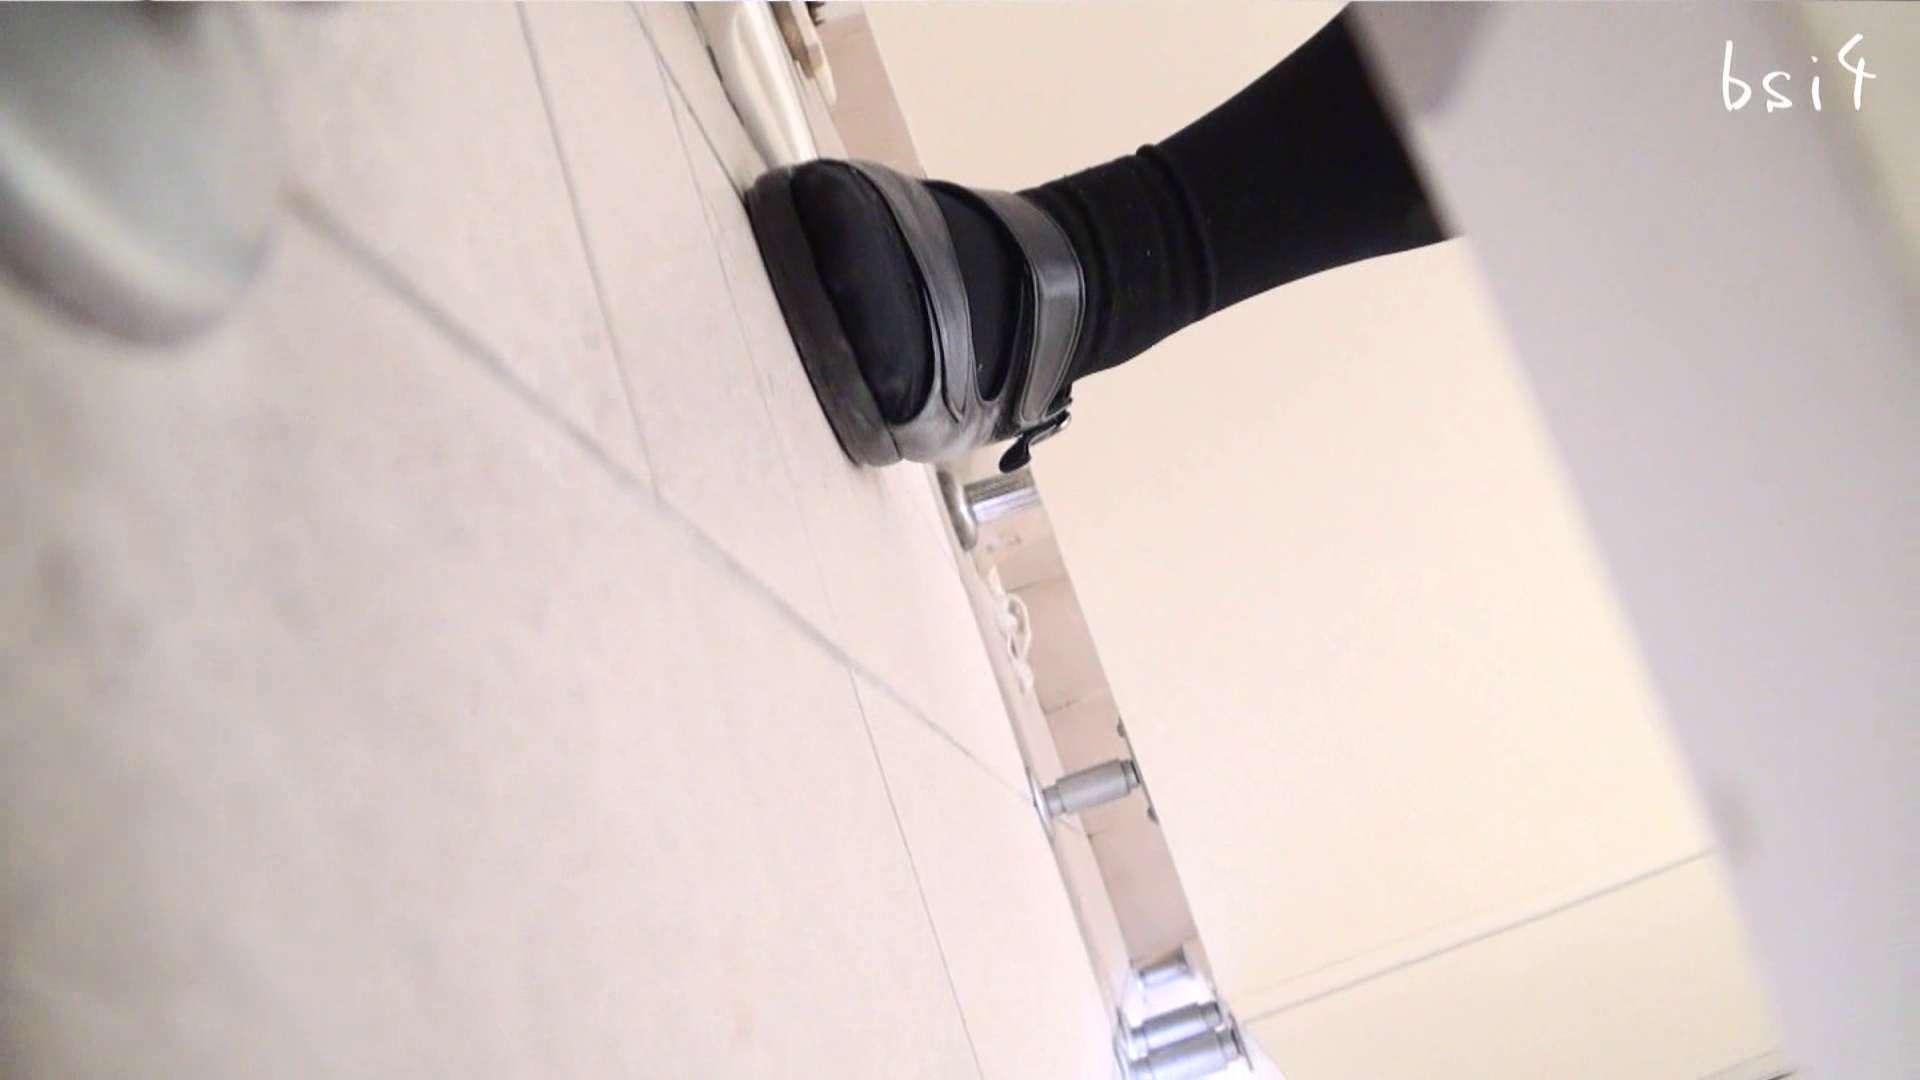 ナースのお小水 vol.004 お姉さんの下半身 | ナースのエロ動画  86PIX 55